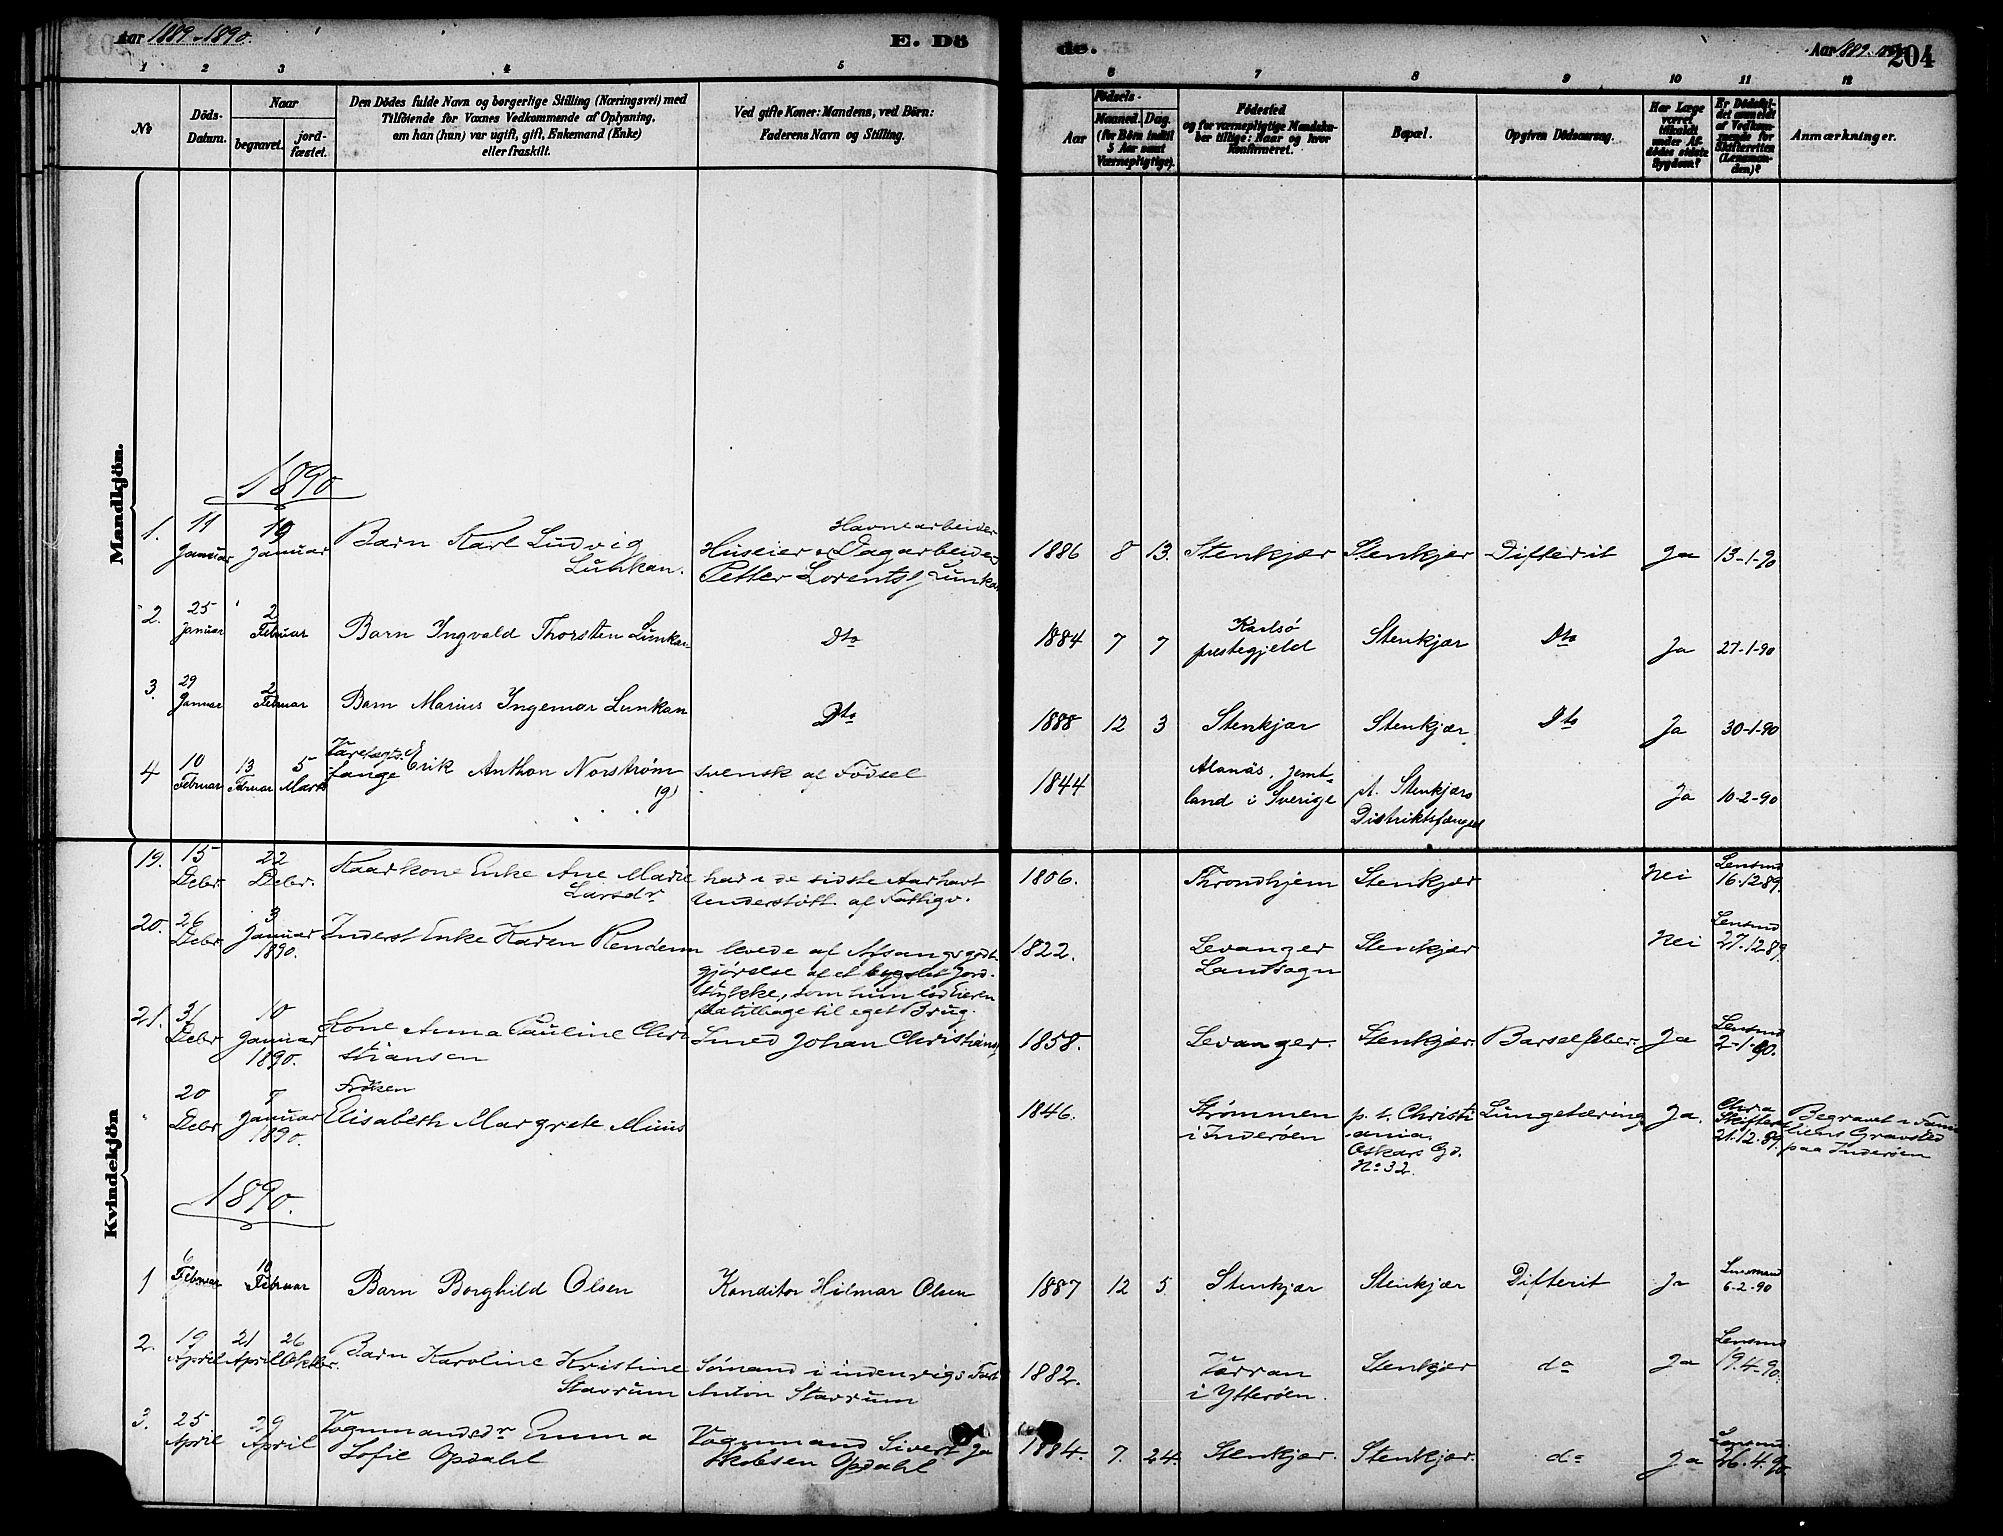 SAT, Ministerialprotokoller, klokkerbøker og fødselsregistre - Nord-Trøndelag, 739/L0371: Ministerialbok nr. 739A03, 1881-1895, s. 204